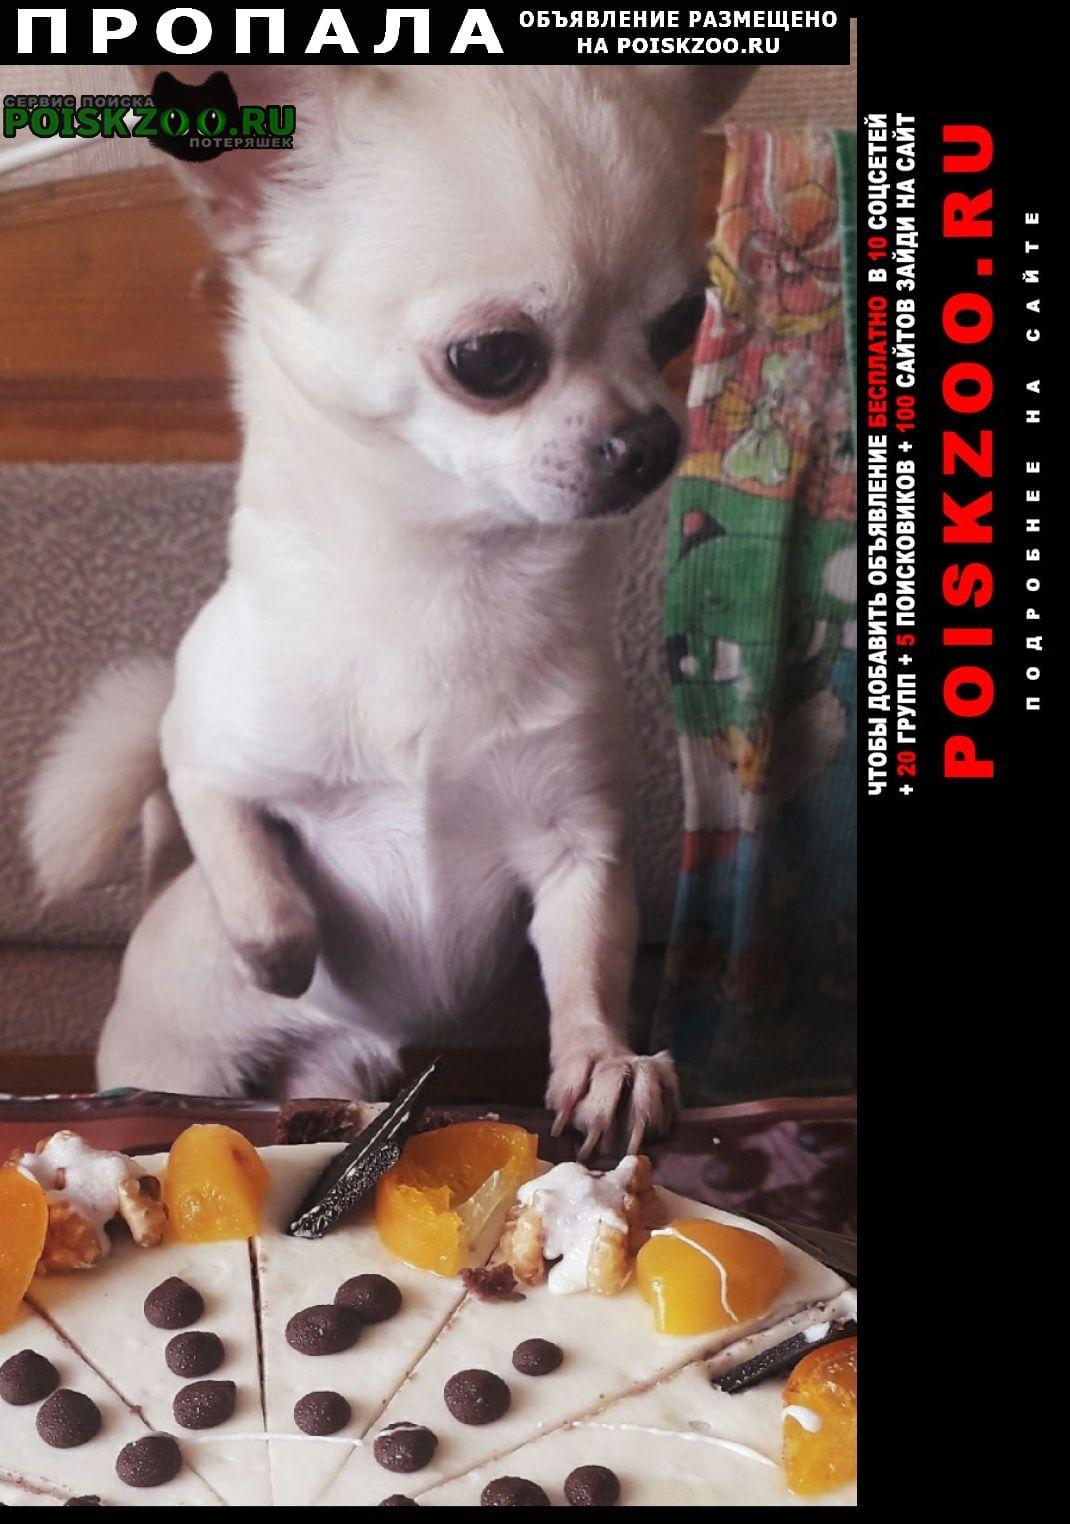 Пропала собака кобель Дружная Горка